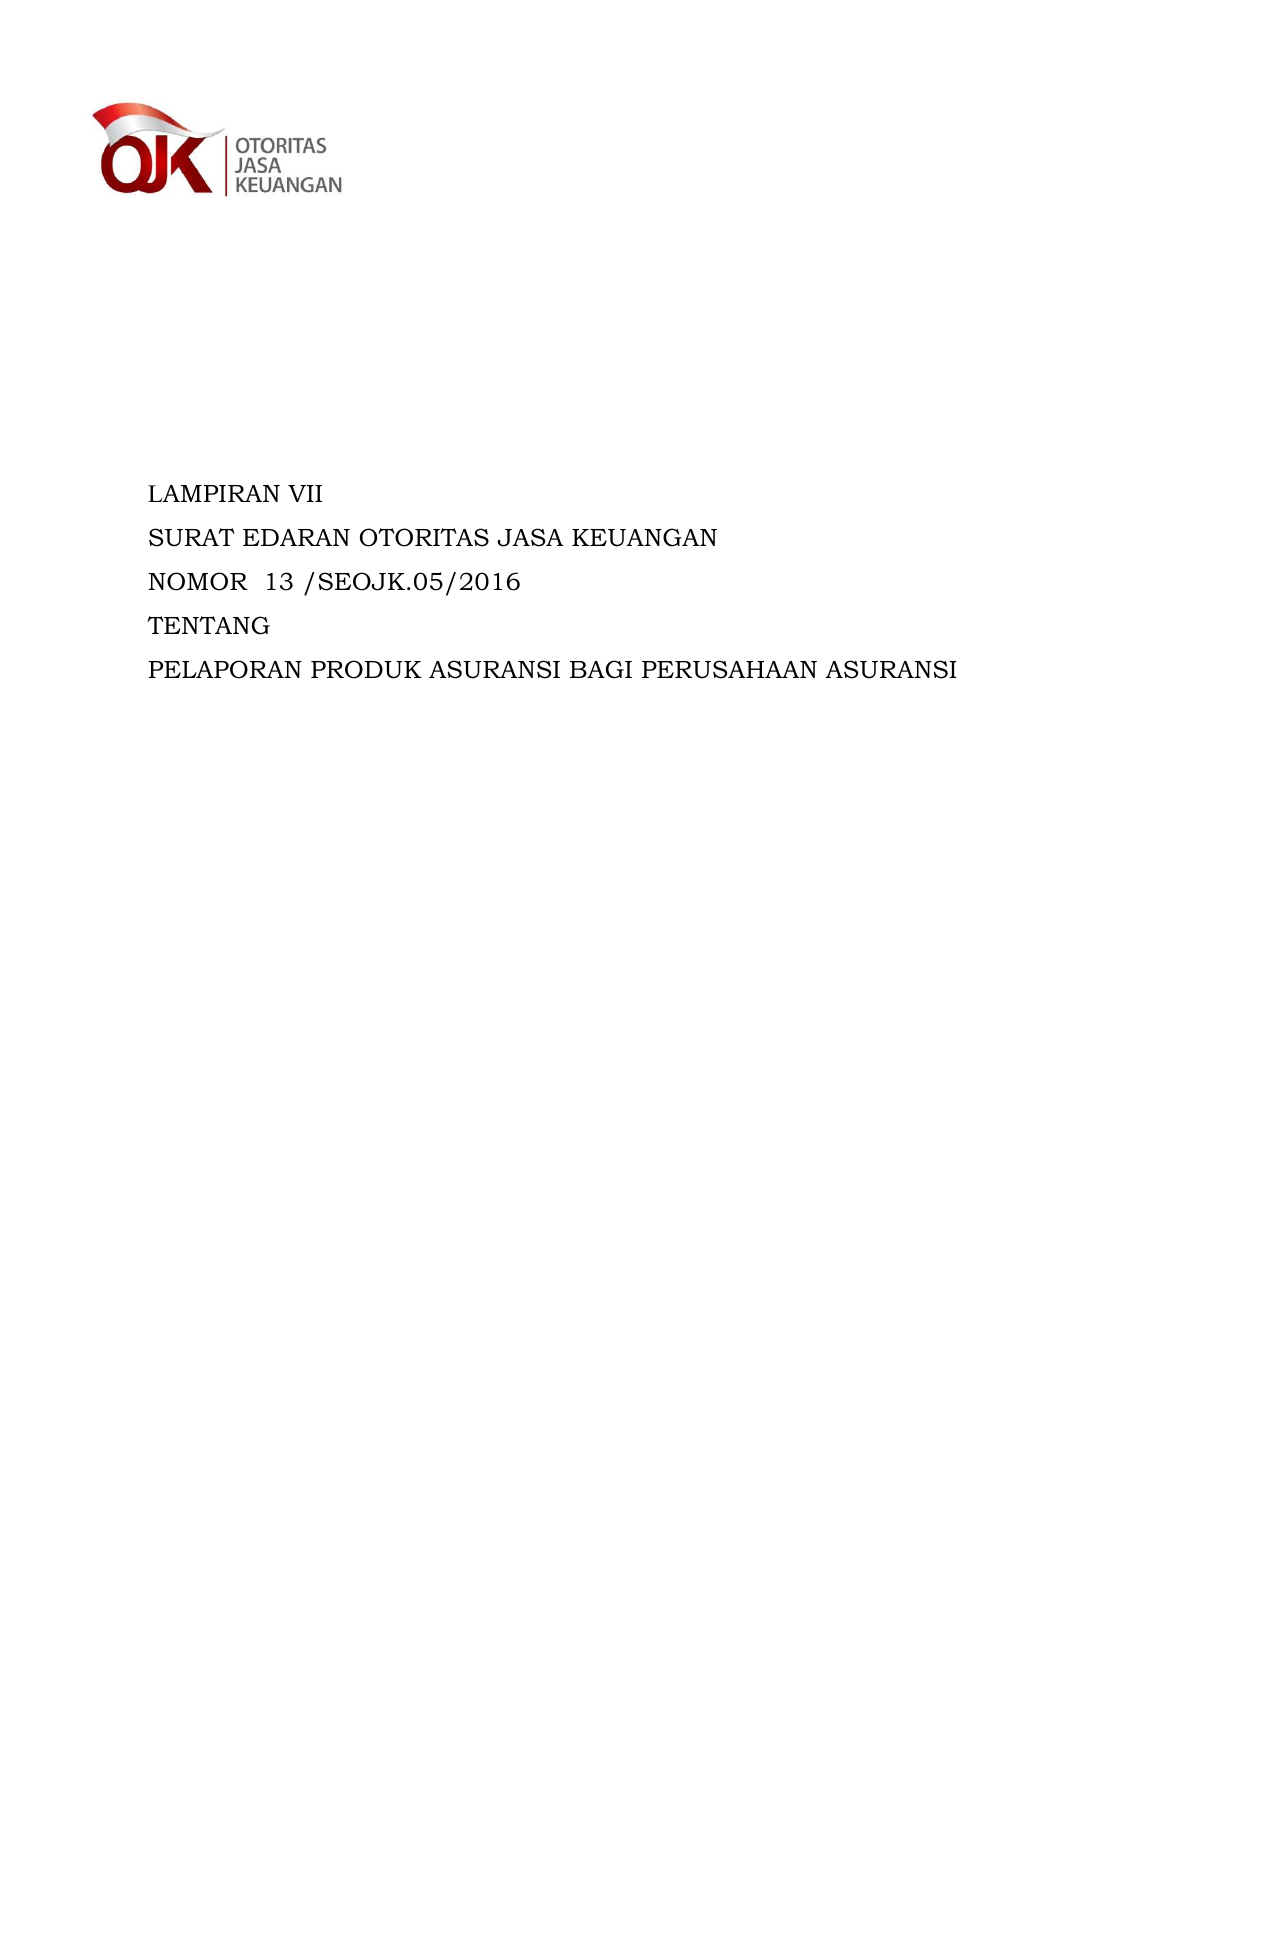 Lampiran Vii Surat Edaran Otoritas Jasa Keuangan